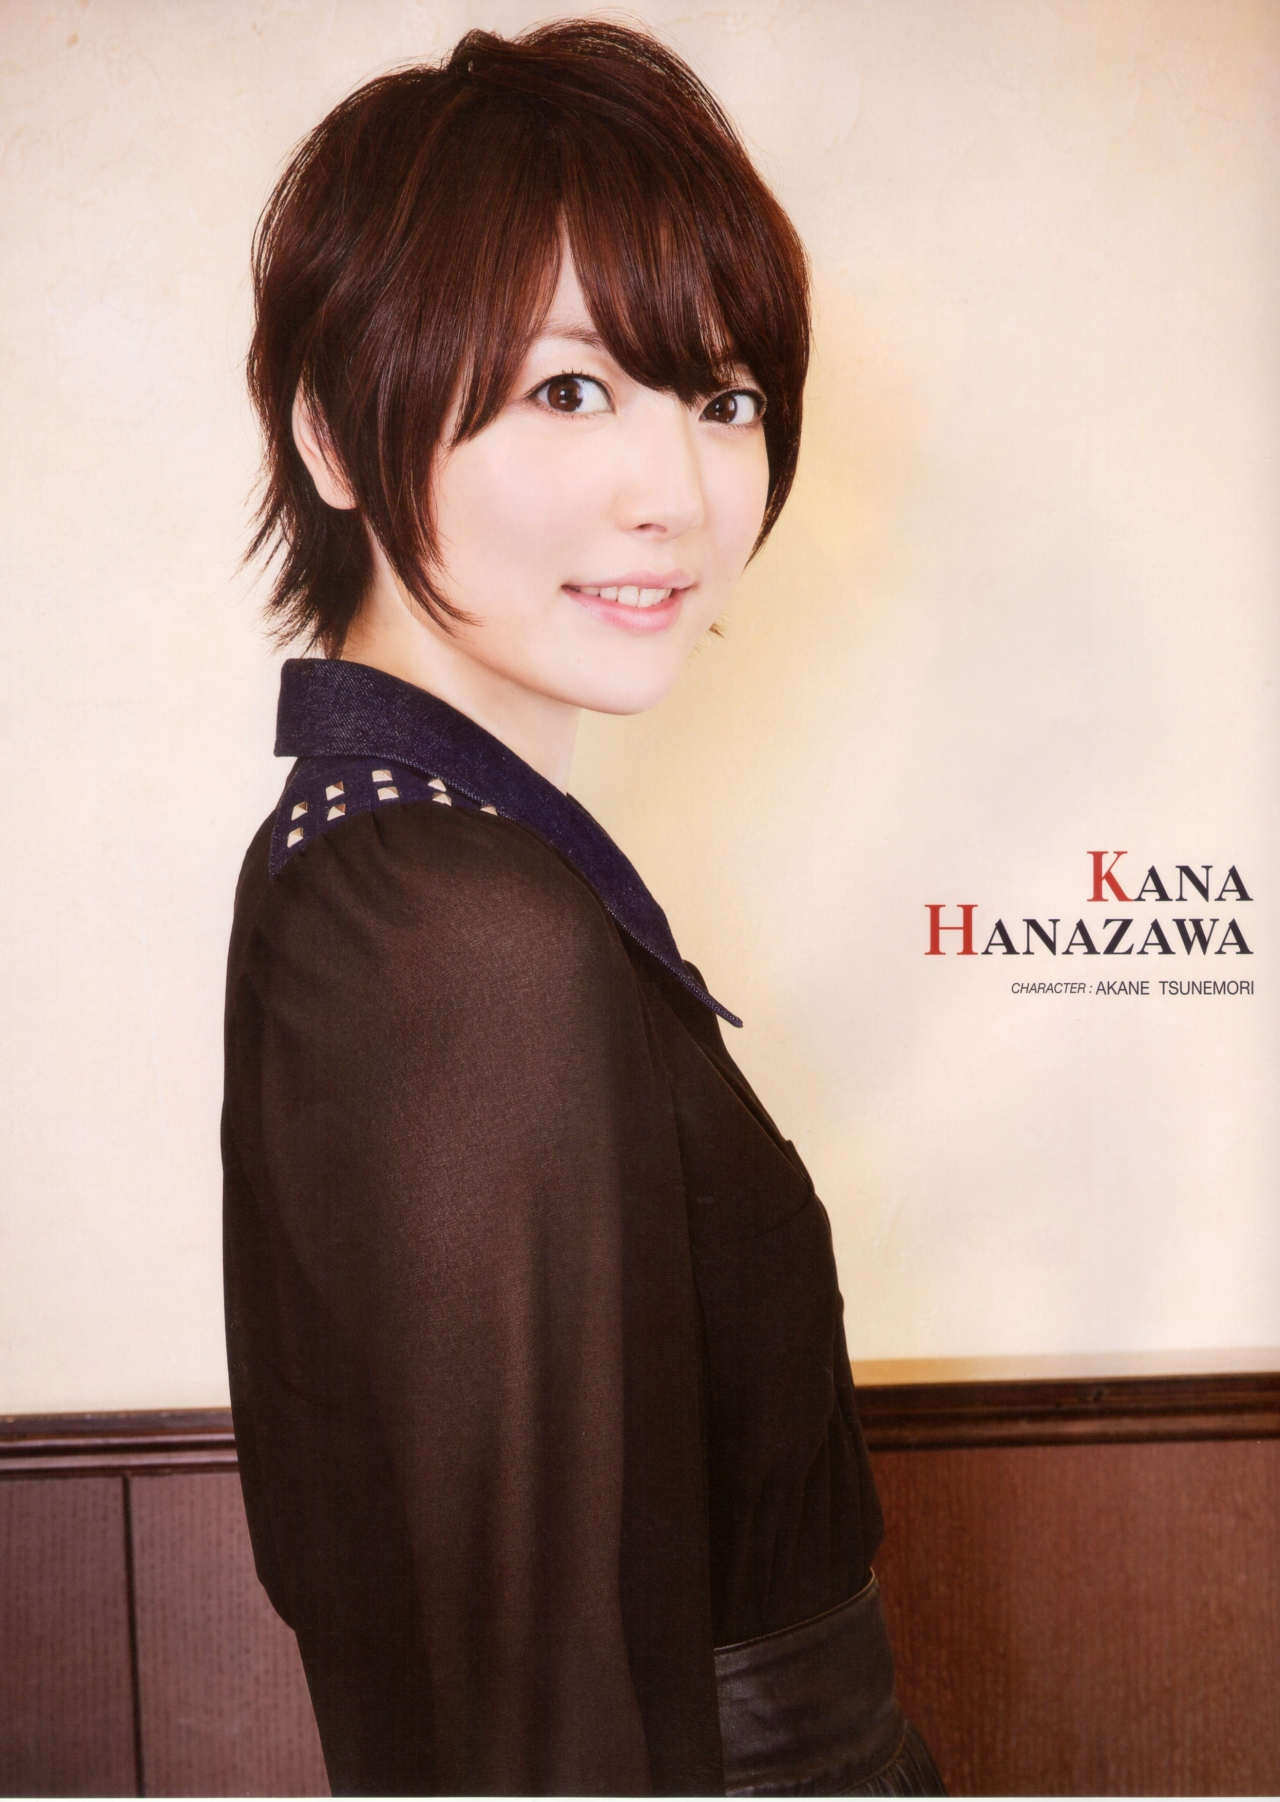 성우 세키 토모카즈 & 하나자와 카나씨의 사진 몇장